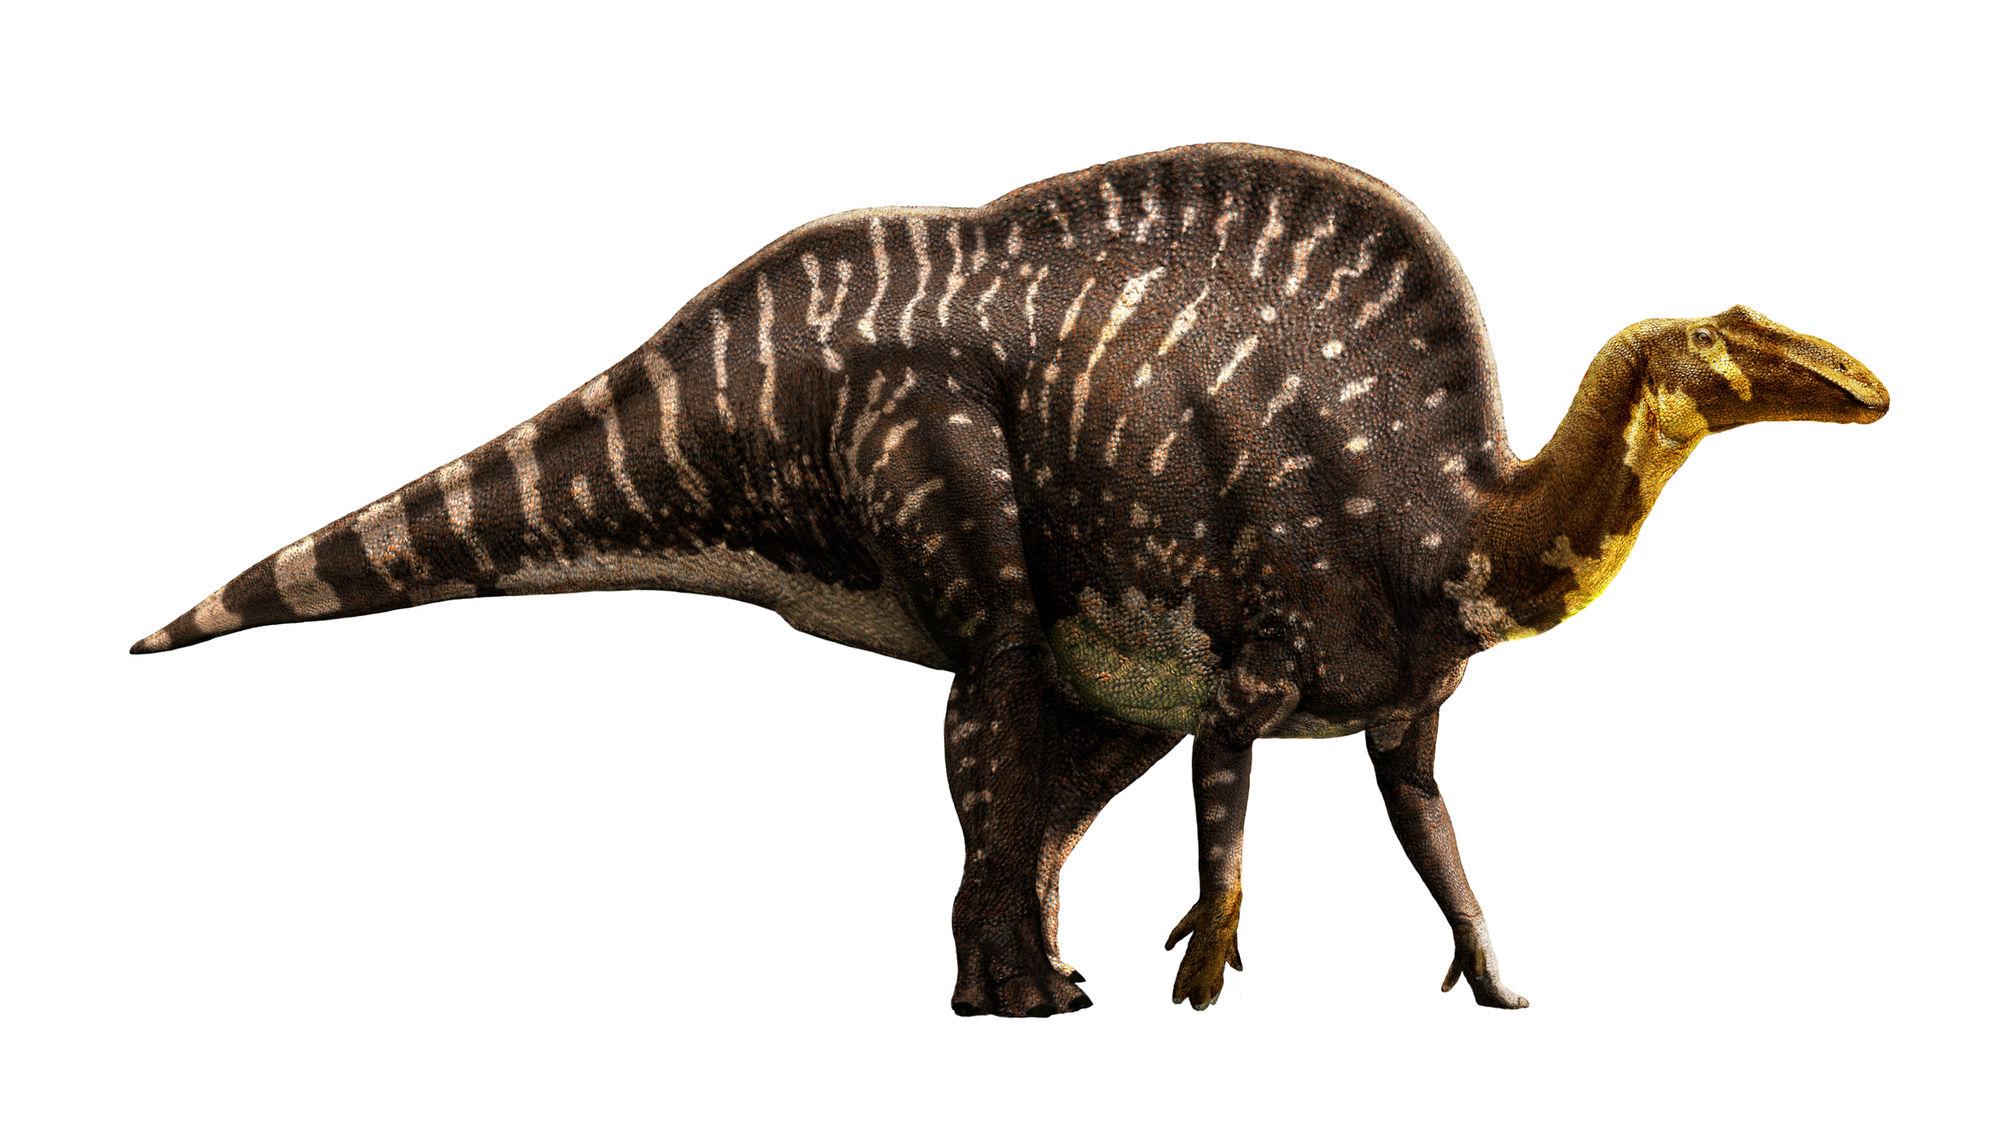 Ouranosaurus_AfricaScene_01_100ppi (1).jpg